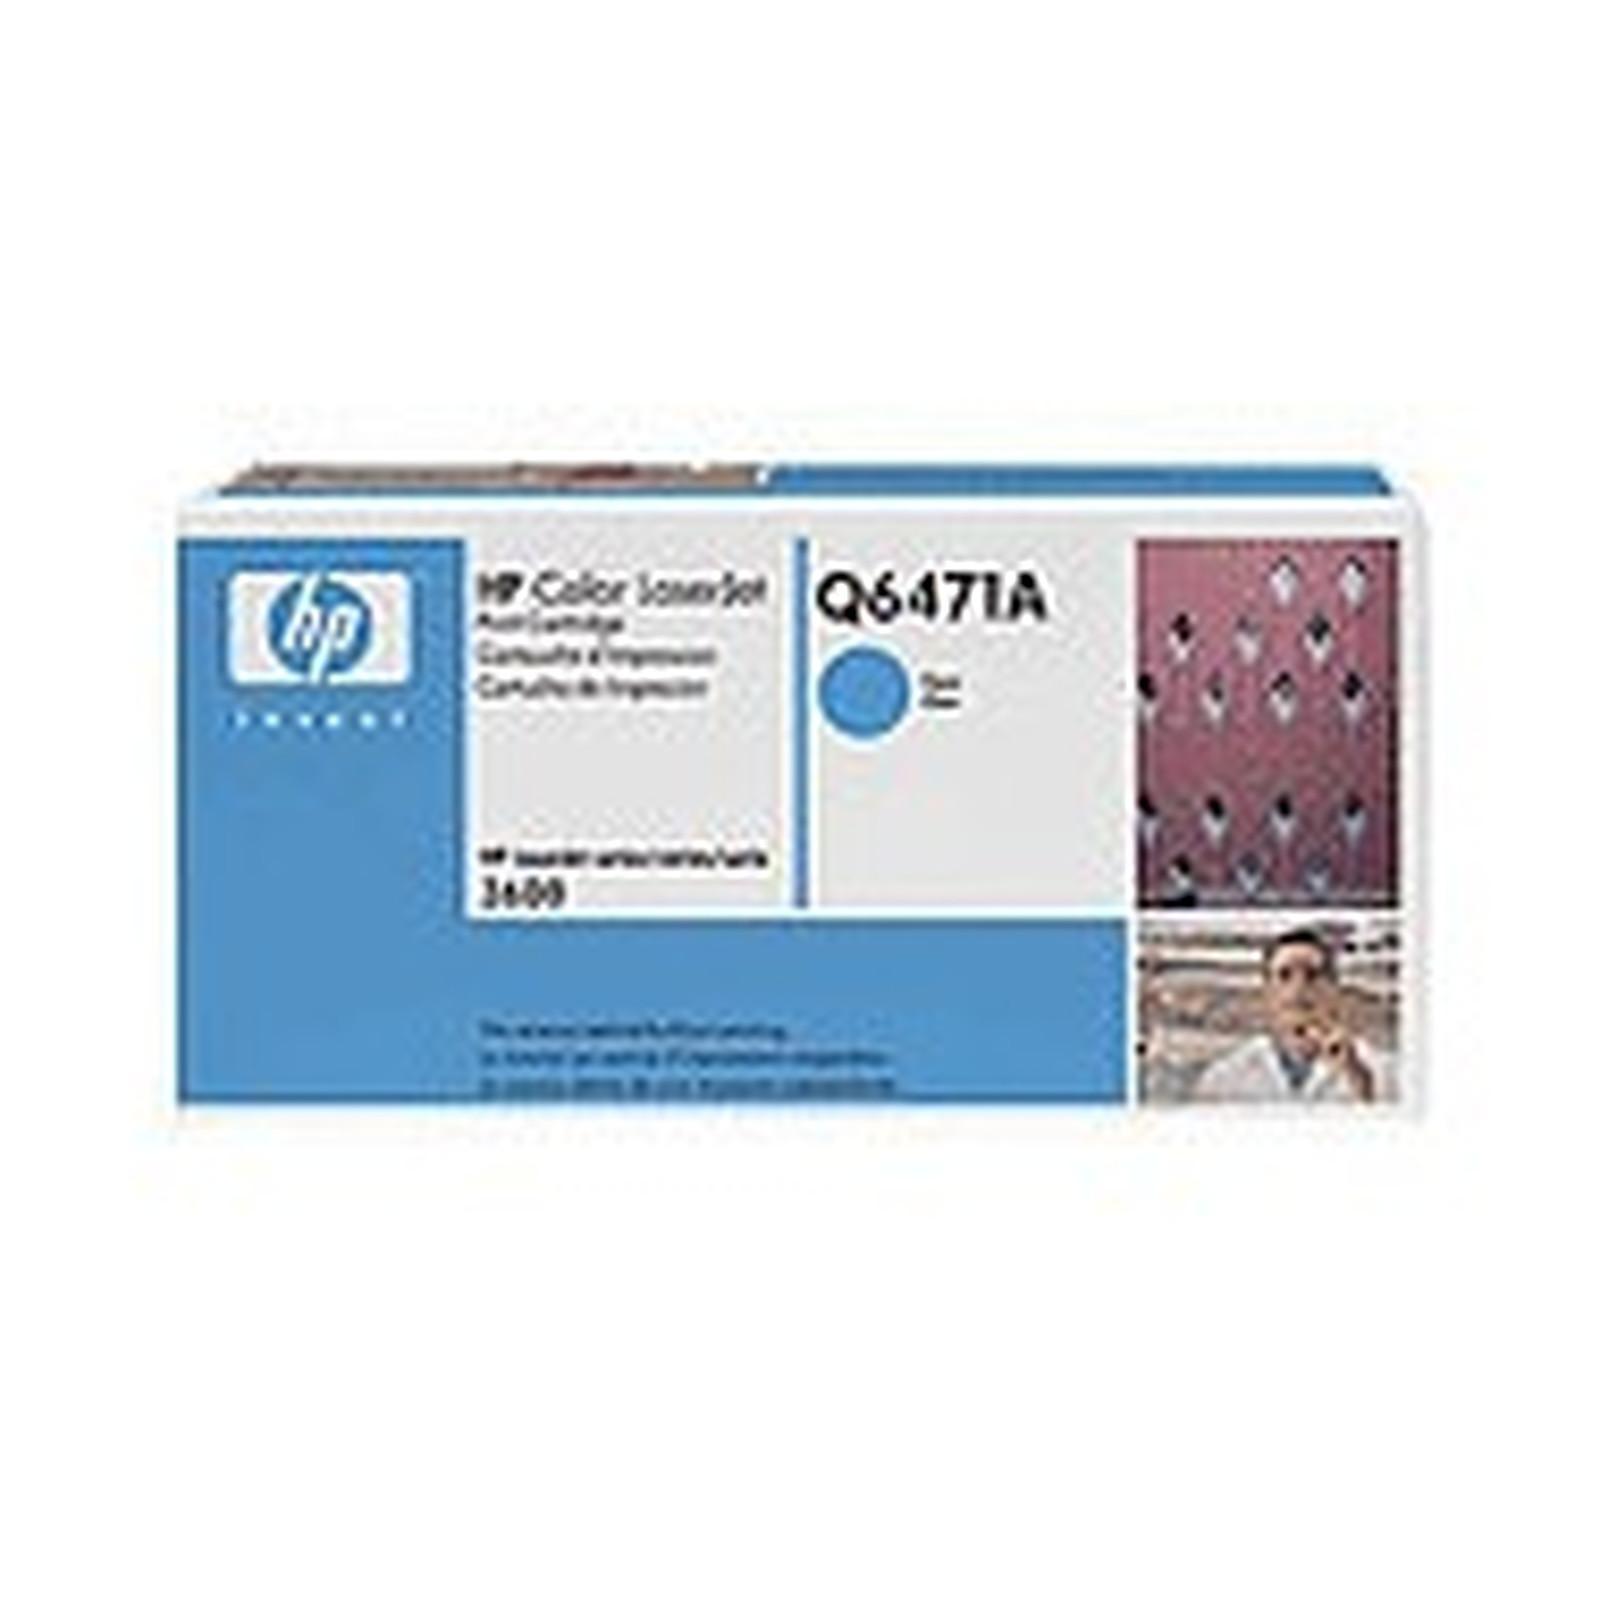 HP Q6471A